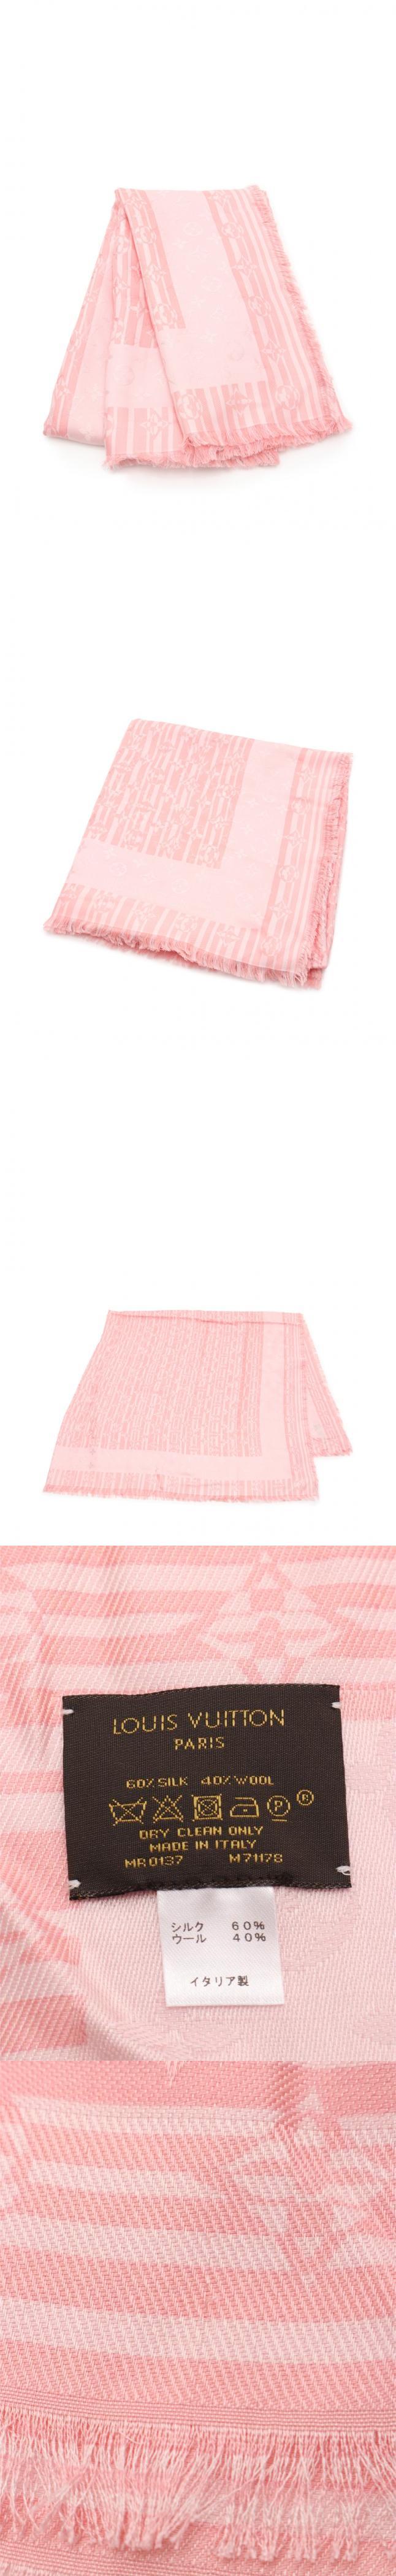 大判ストール ショール モノグラム ピンク 小物 シルク ウール